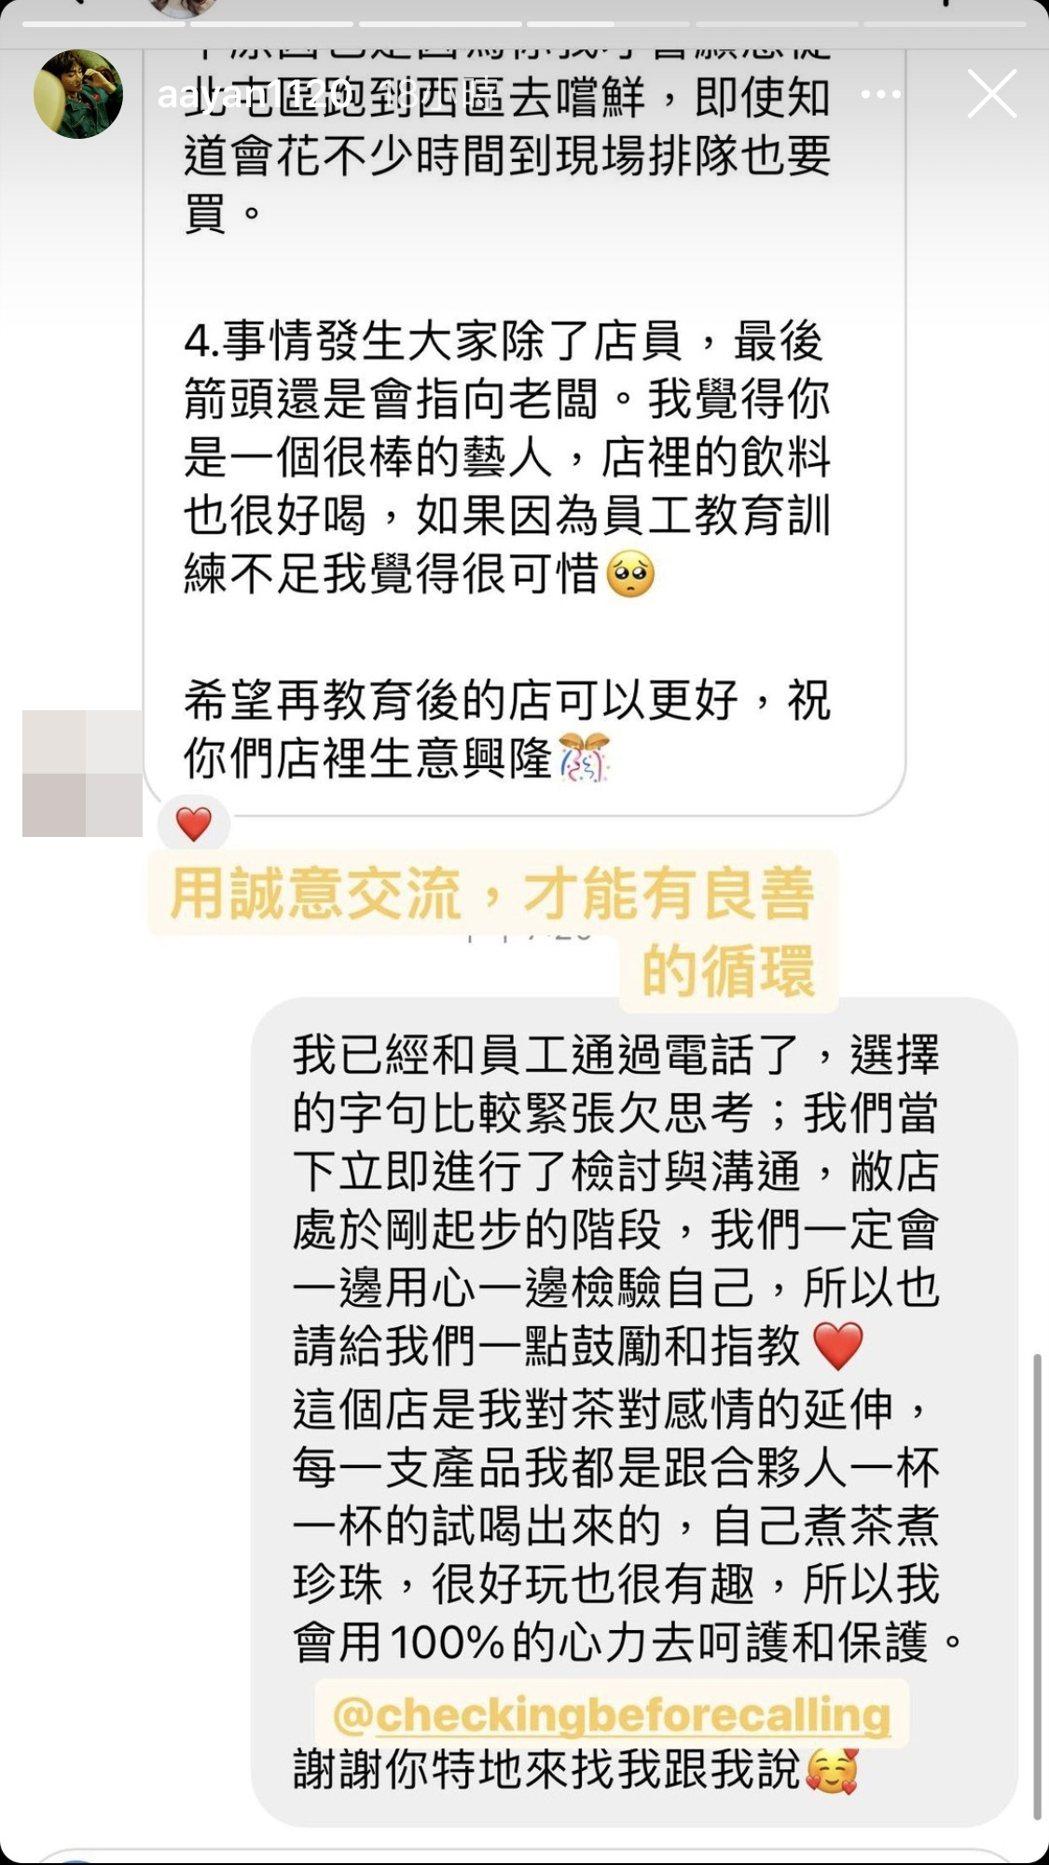 炎亞綸的飲料店爆發爭議,親自發文並回應網友。圖/摘自IG